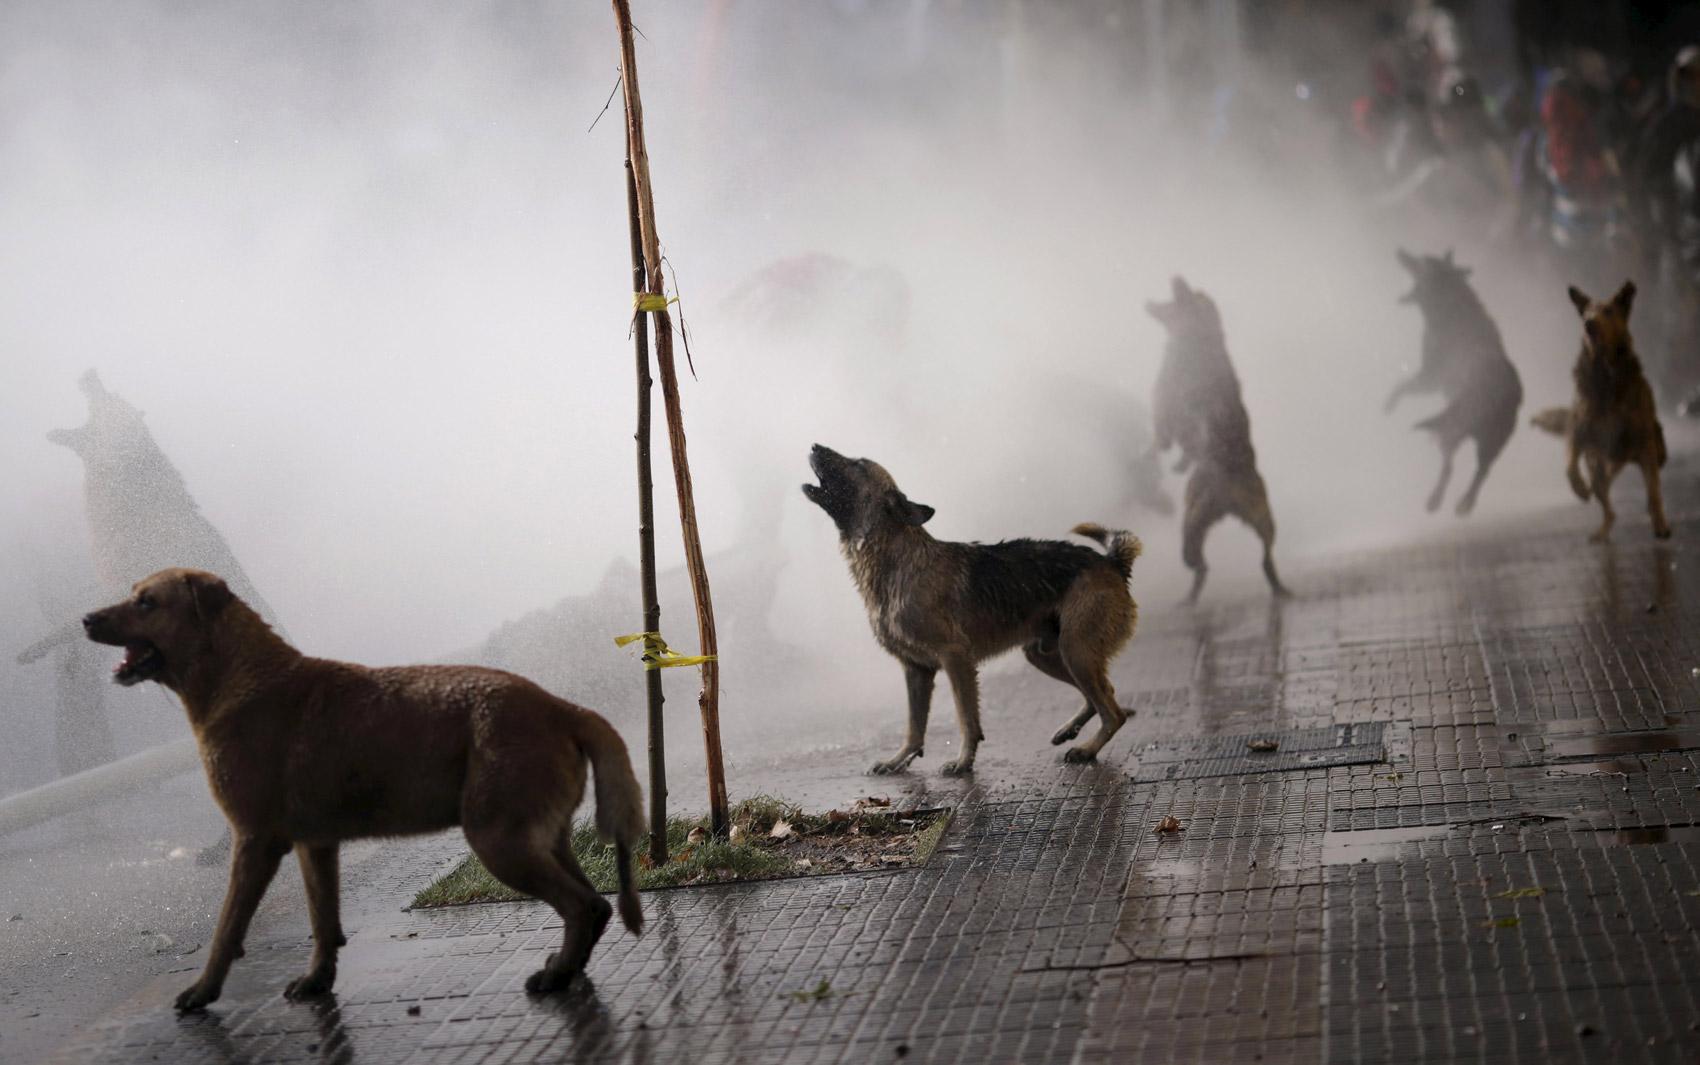 Cachorros latem contra a polícia, que usa canhão de água para dispersar protesto que pede mudanças no sistema educacional chileno, em Santiago